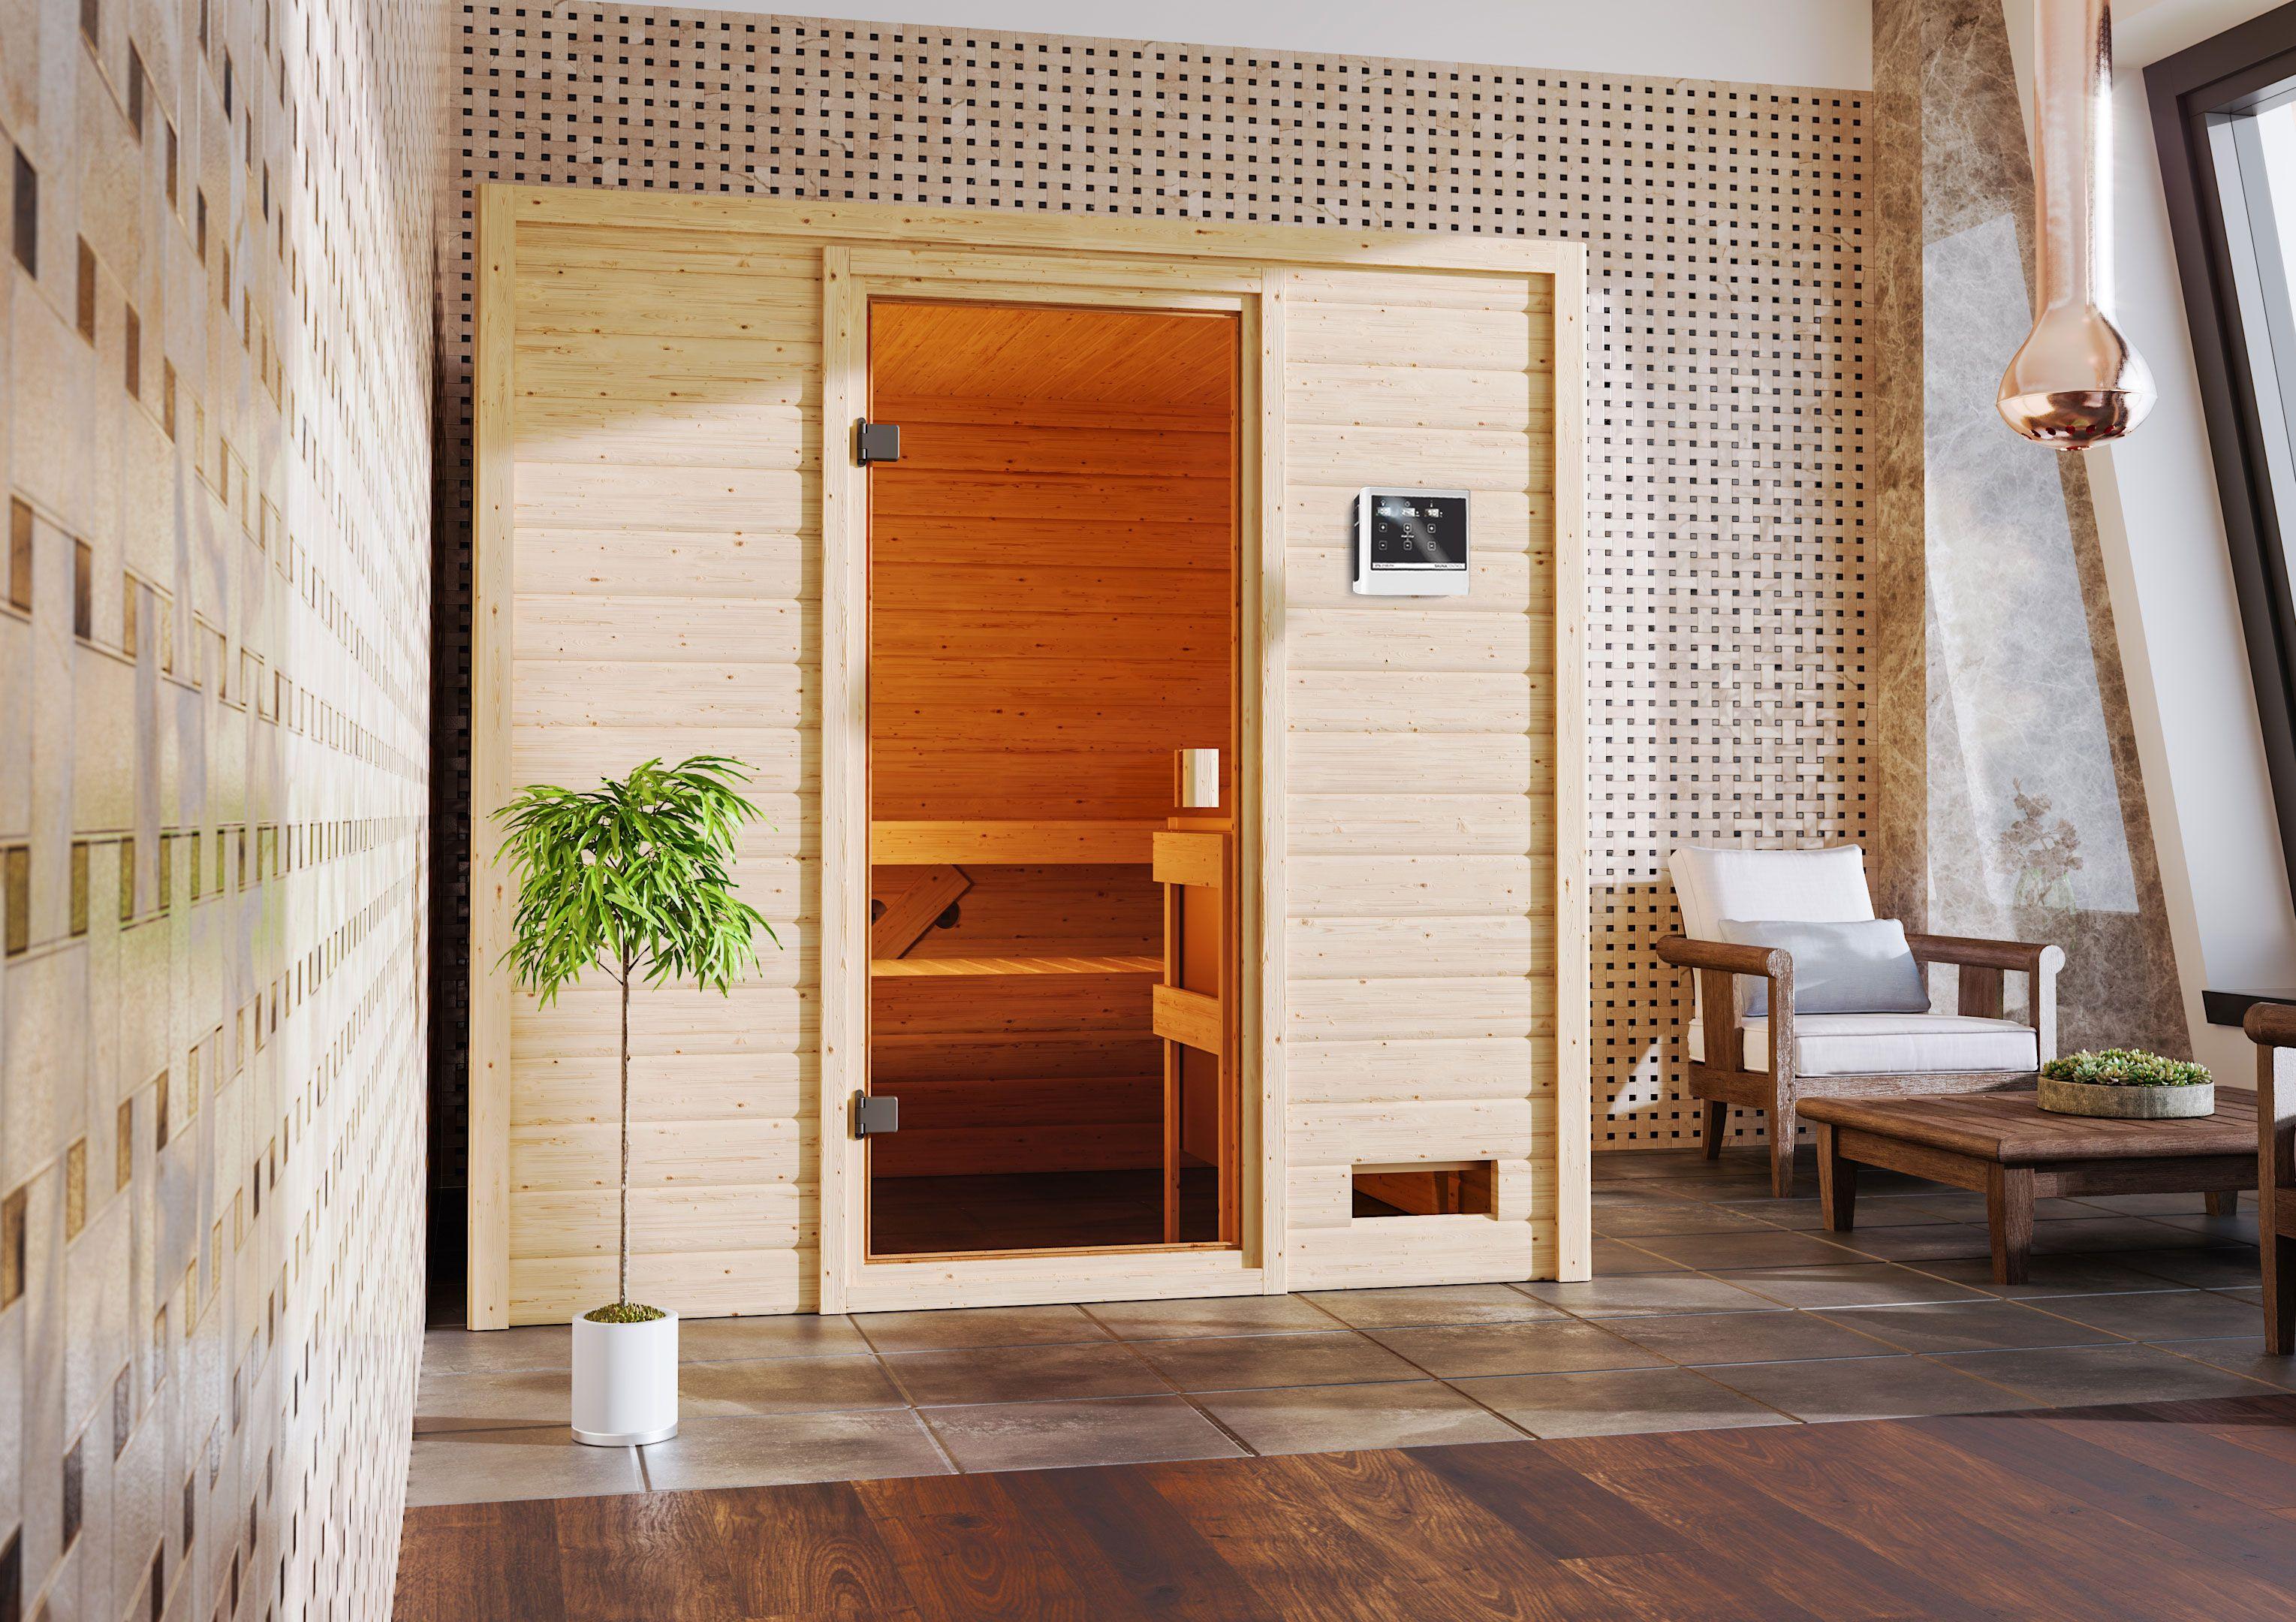 Woodfeeling Sauna Adelina 38mm Saunaofen 9kW extern Bild 11